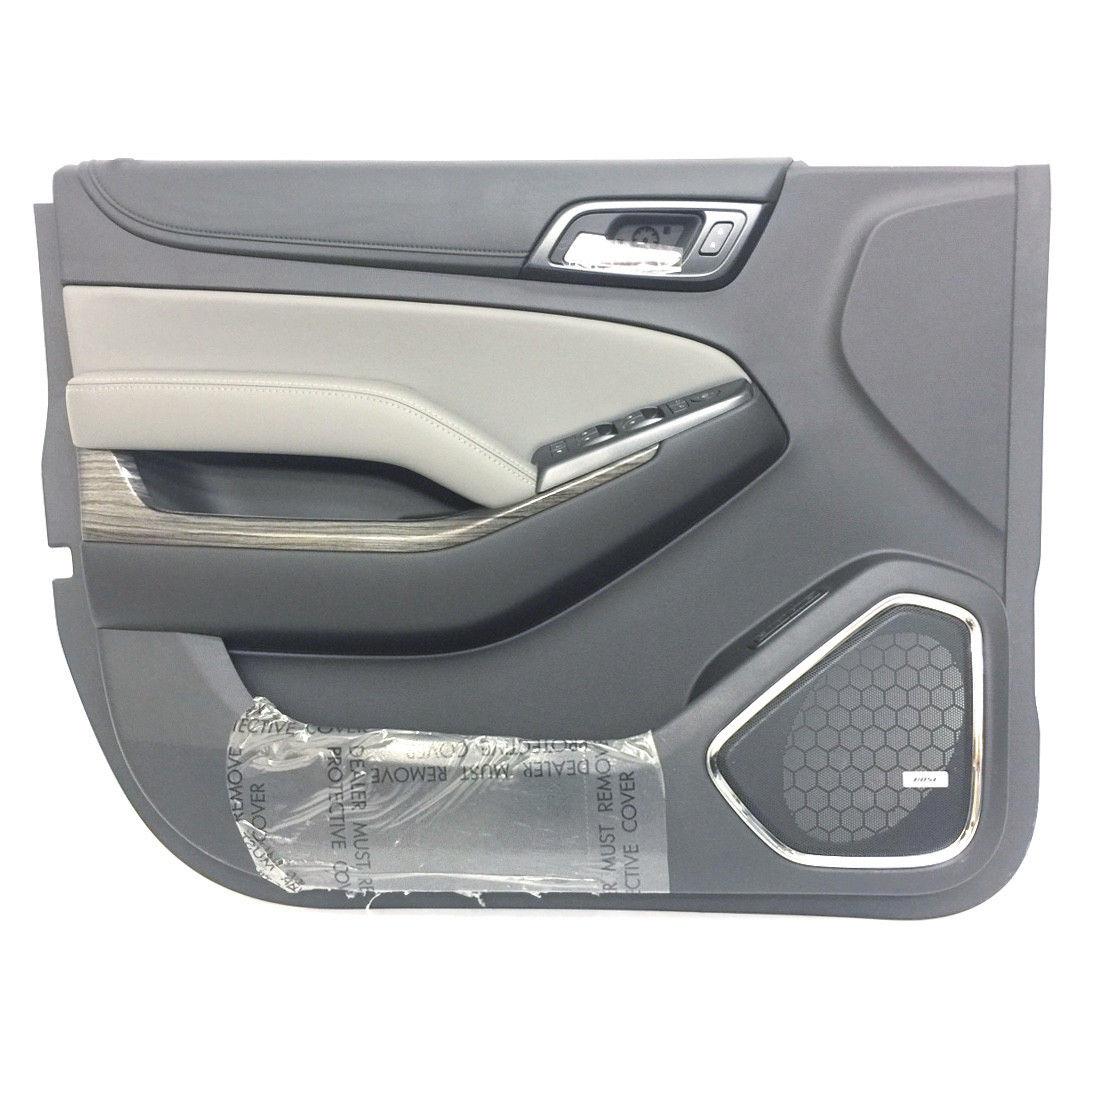 tahoe door lt panel chevrolet front jet premier ash lh dark interior exterior